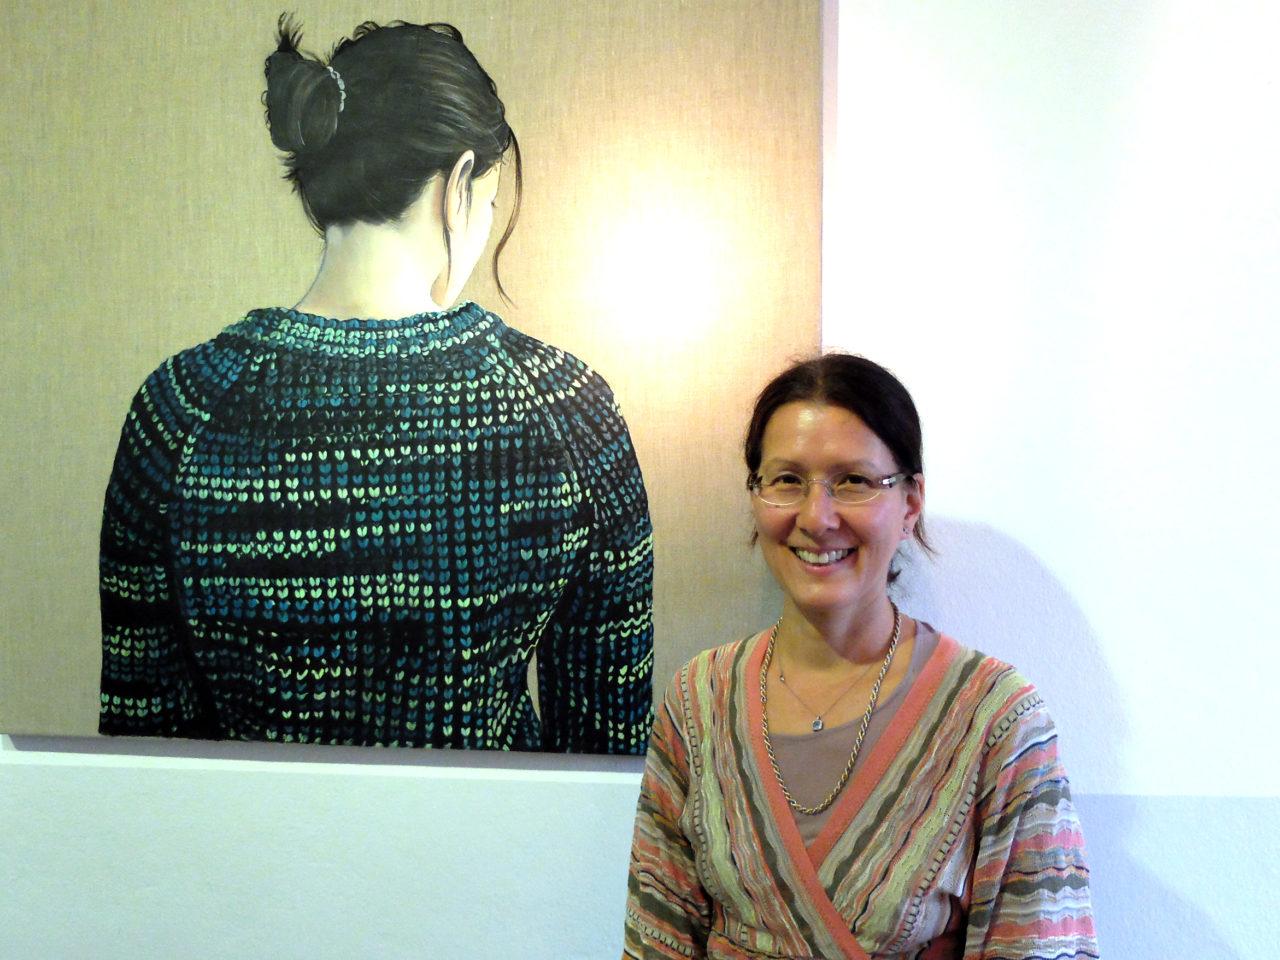 Licht in der ,alerei - Brigitte Yoshida Pruchnow am Tannerhof